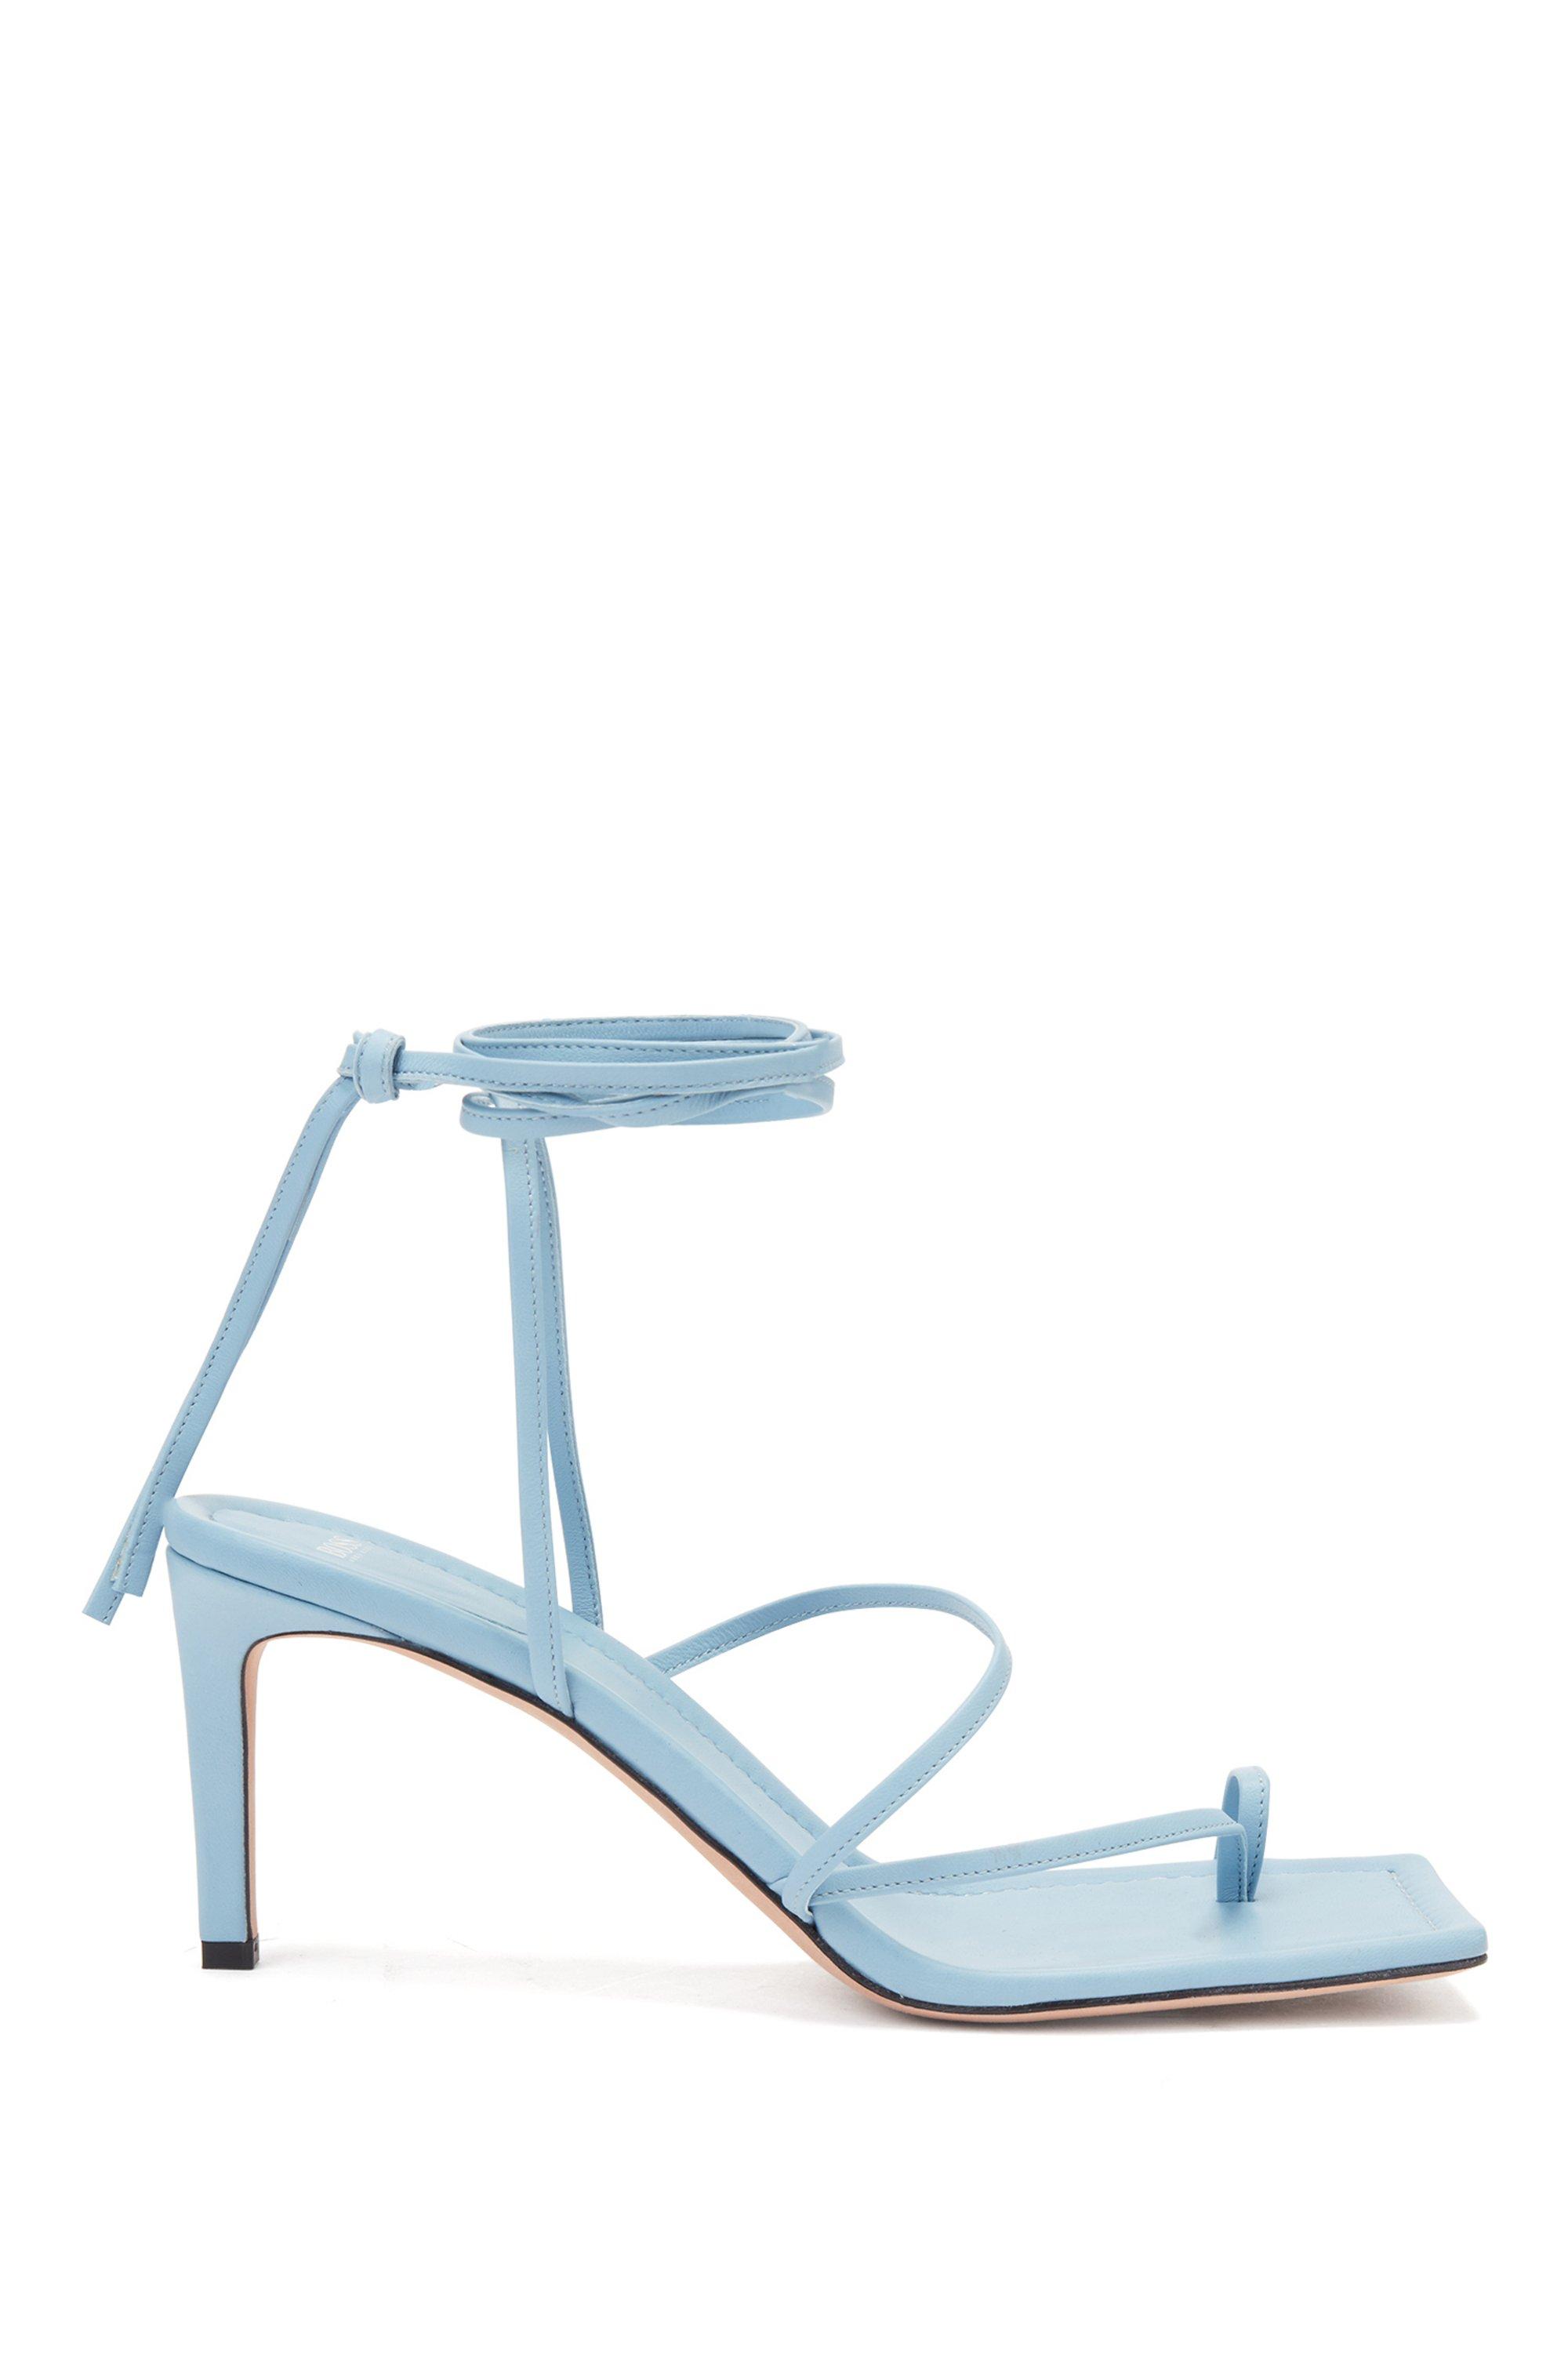 Sandalias con tira larga en el tobillo elaboradas en piel italiana, Celeste